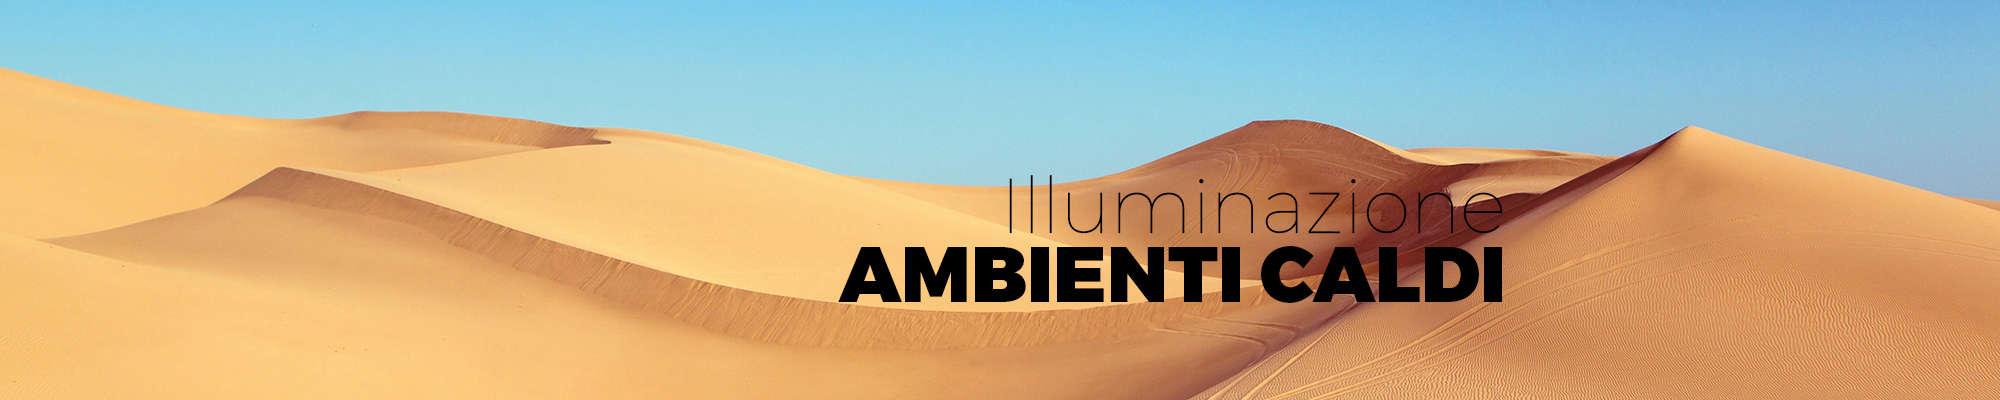 illuminazione-ambienti-caldi